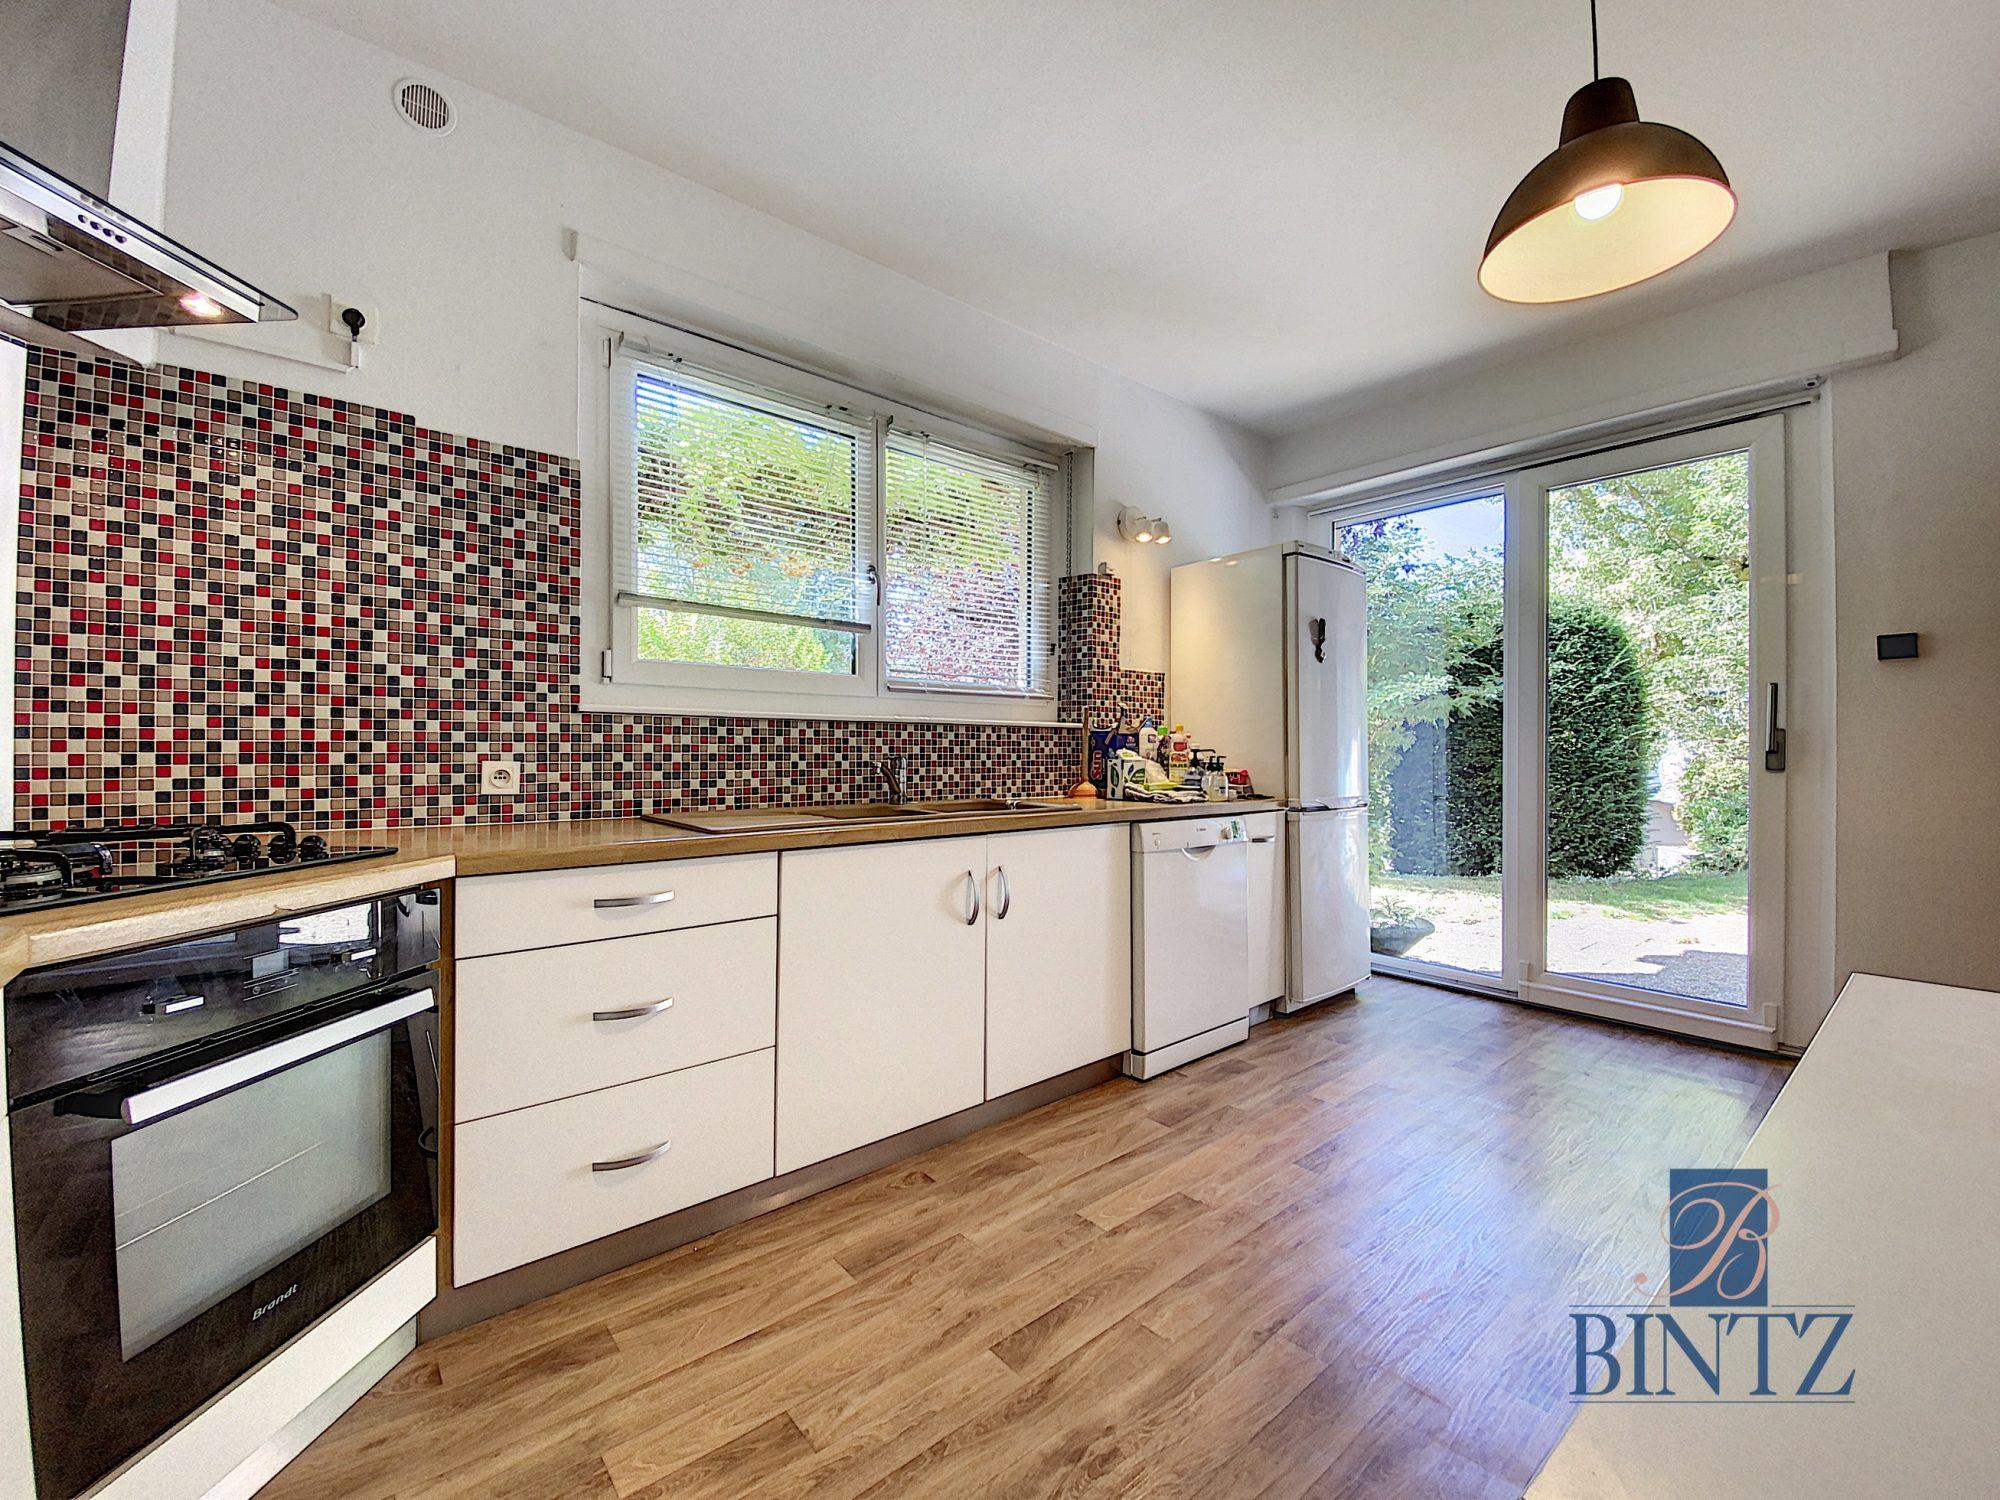 MAISON A LOUER ROBERTSAU - Devenez locataire en toute sérénité - Bintz Immobilier - 7